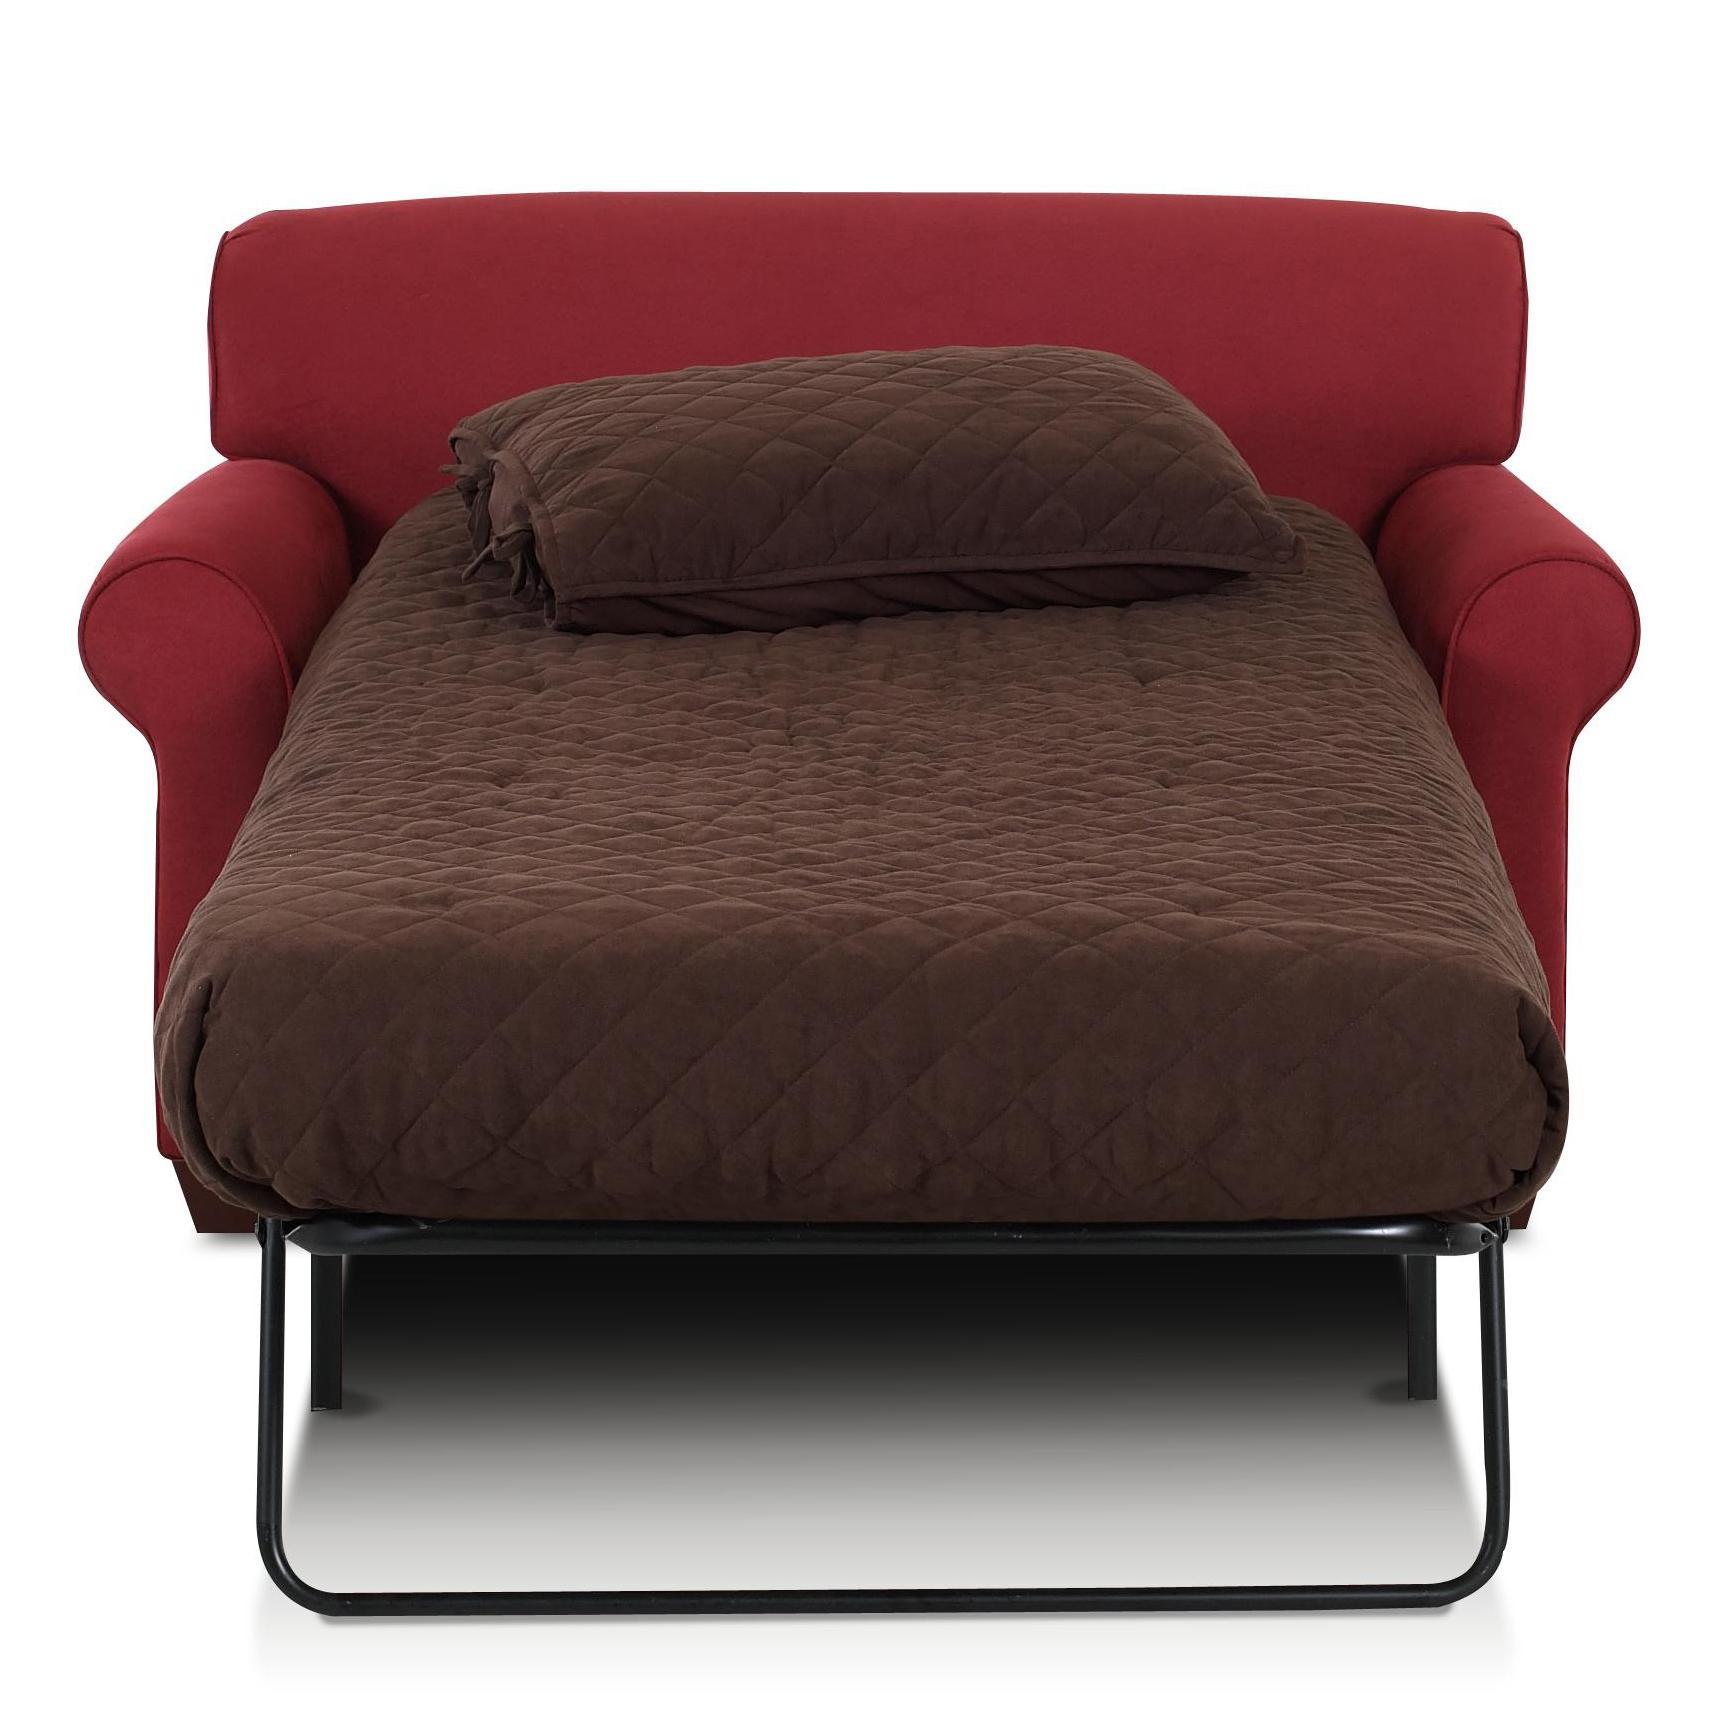 Innerspring Chair Sleeper